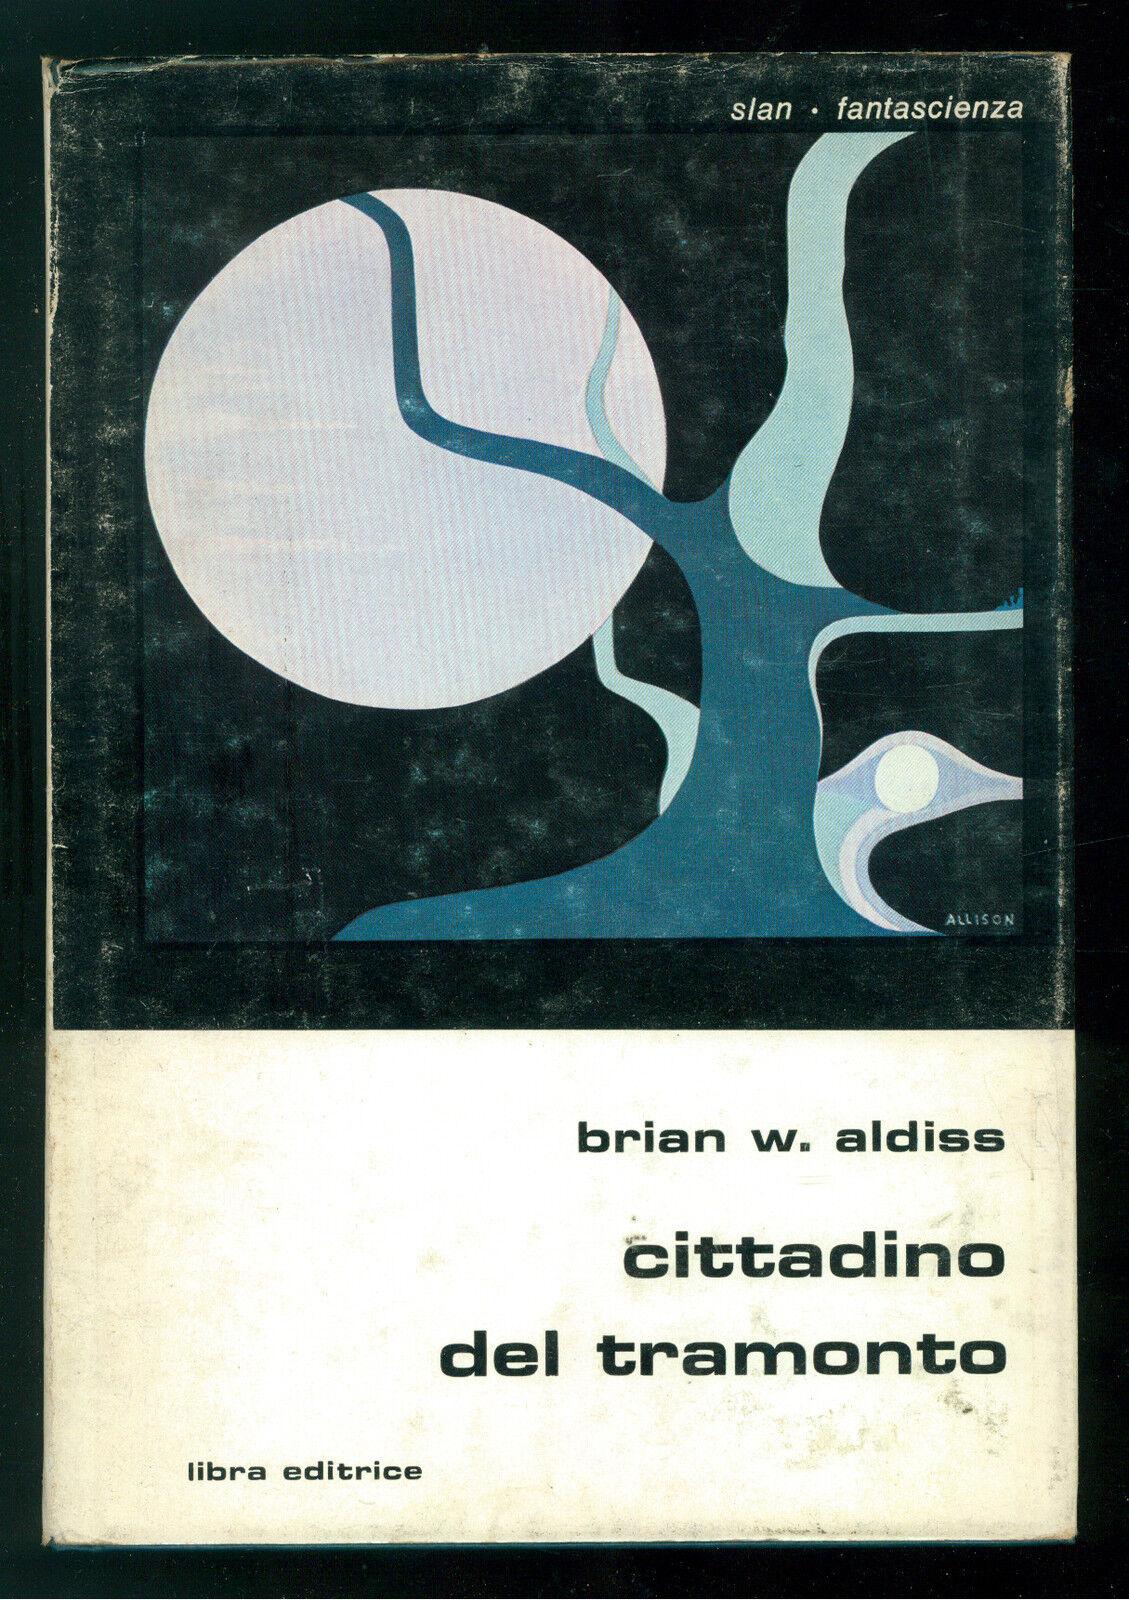 ALDISS BRIAN W. CITTADINO DEL TRAMONTO LIBRA 1979 SLAN FANTASCIENZA 15